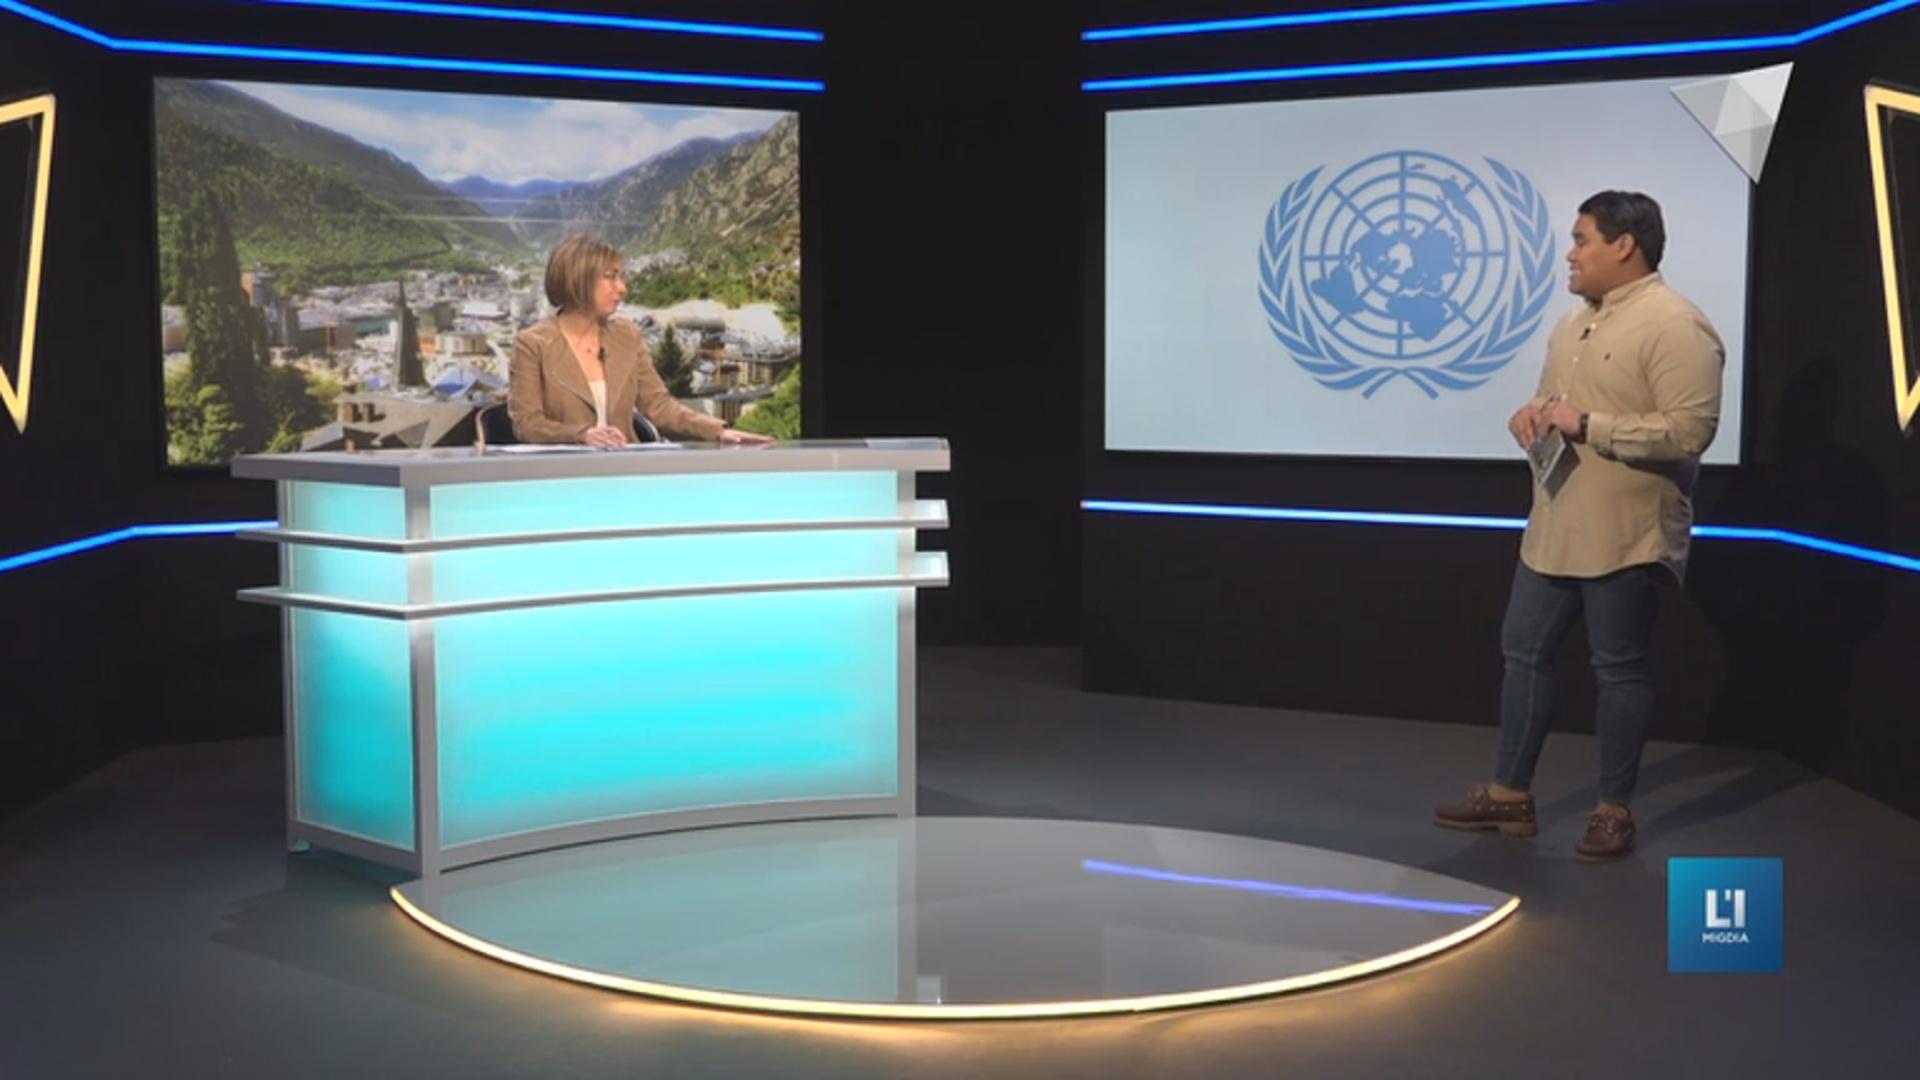 Espot centrarà el discurs a les Nacions Unides en els reptes postpandèmia i l'emergència climàtica